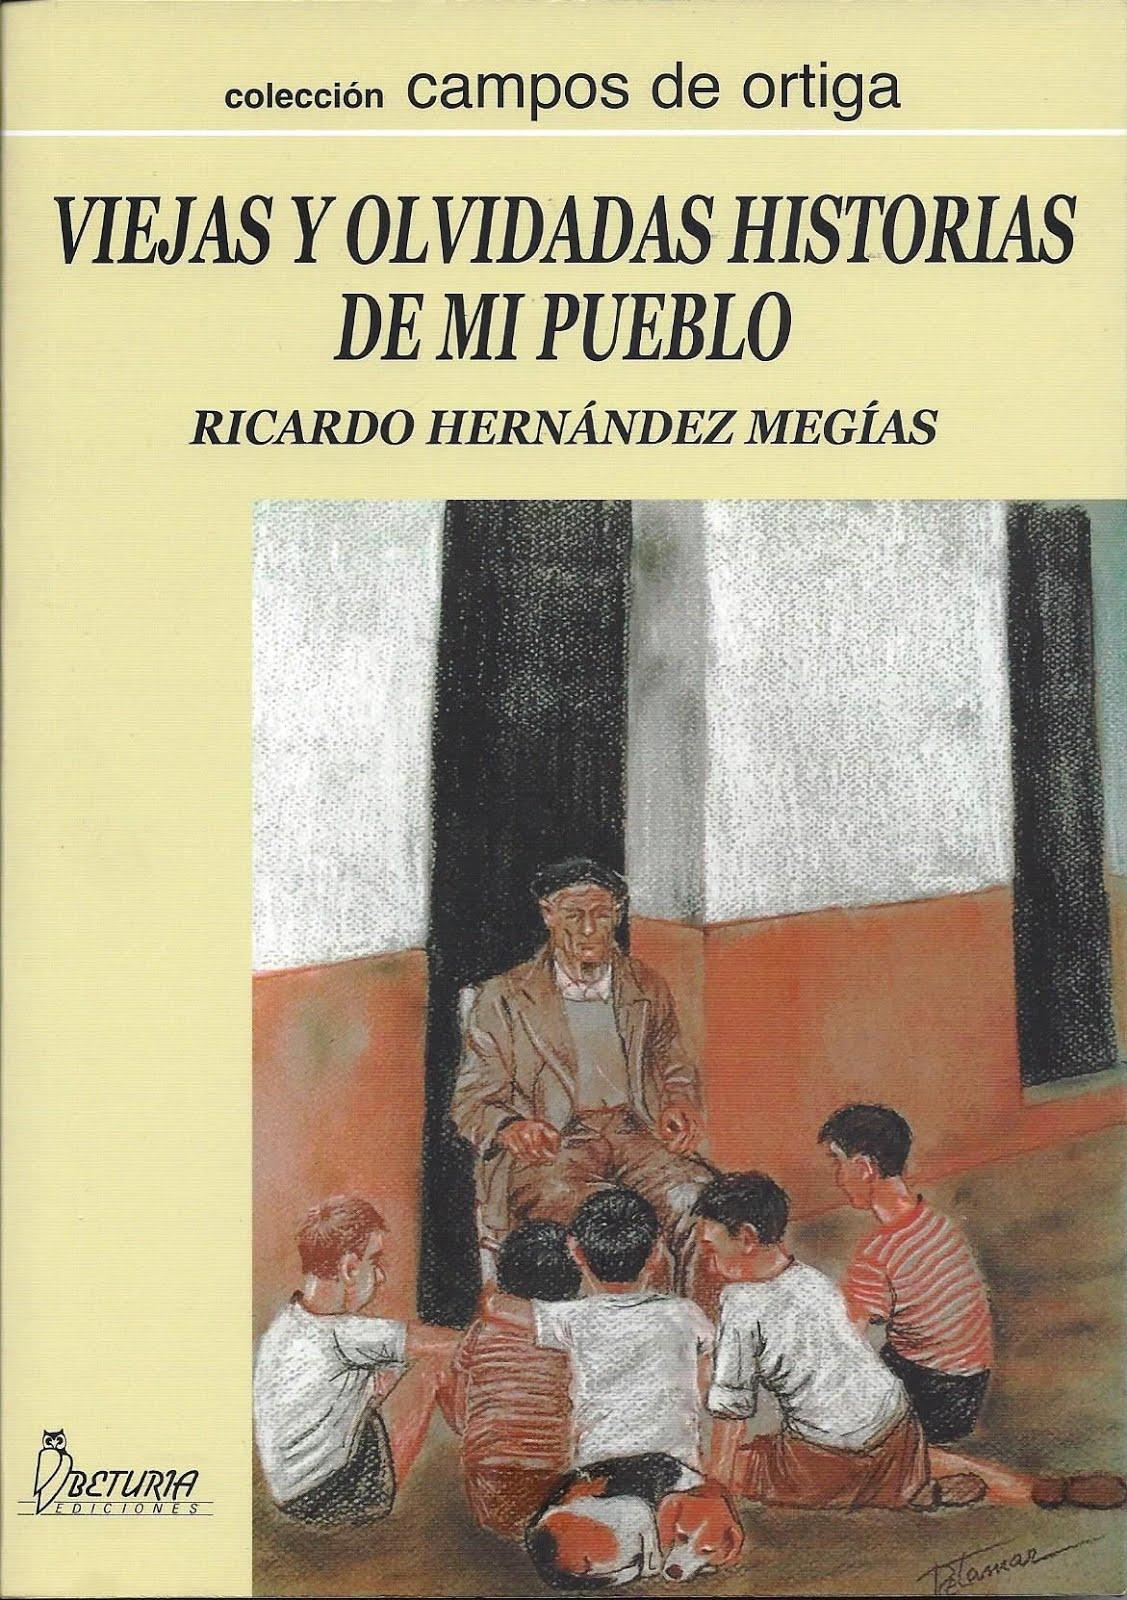 Viejas y olvidadas historias de mi pueblo